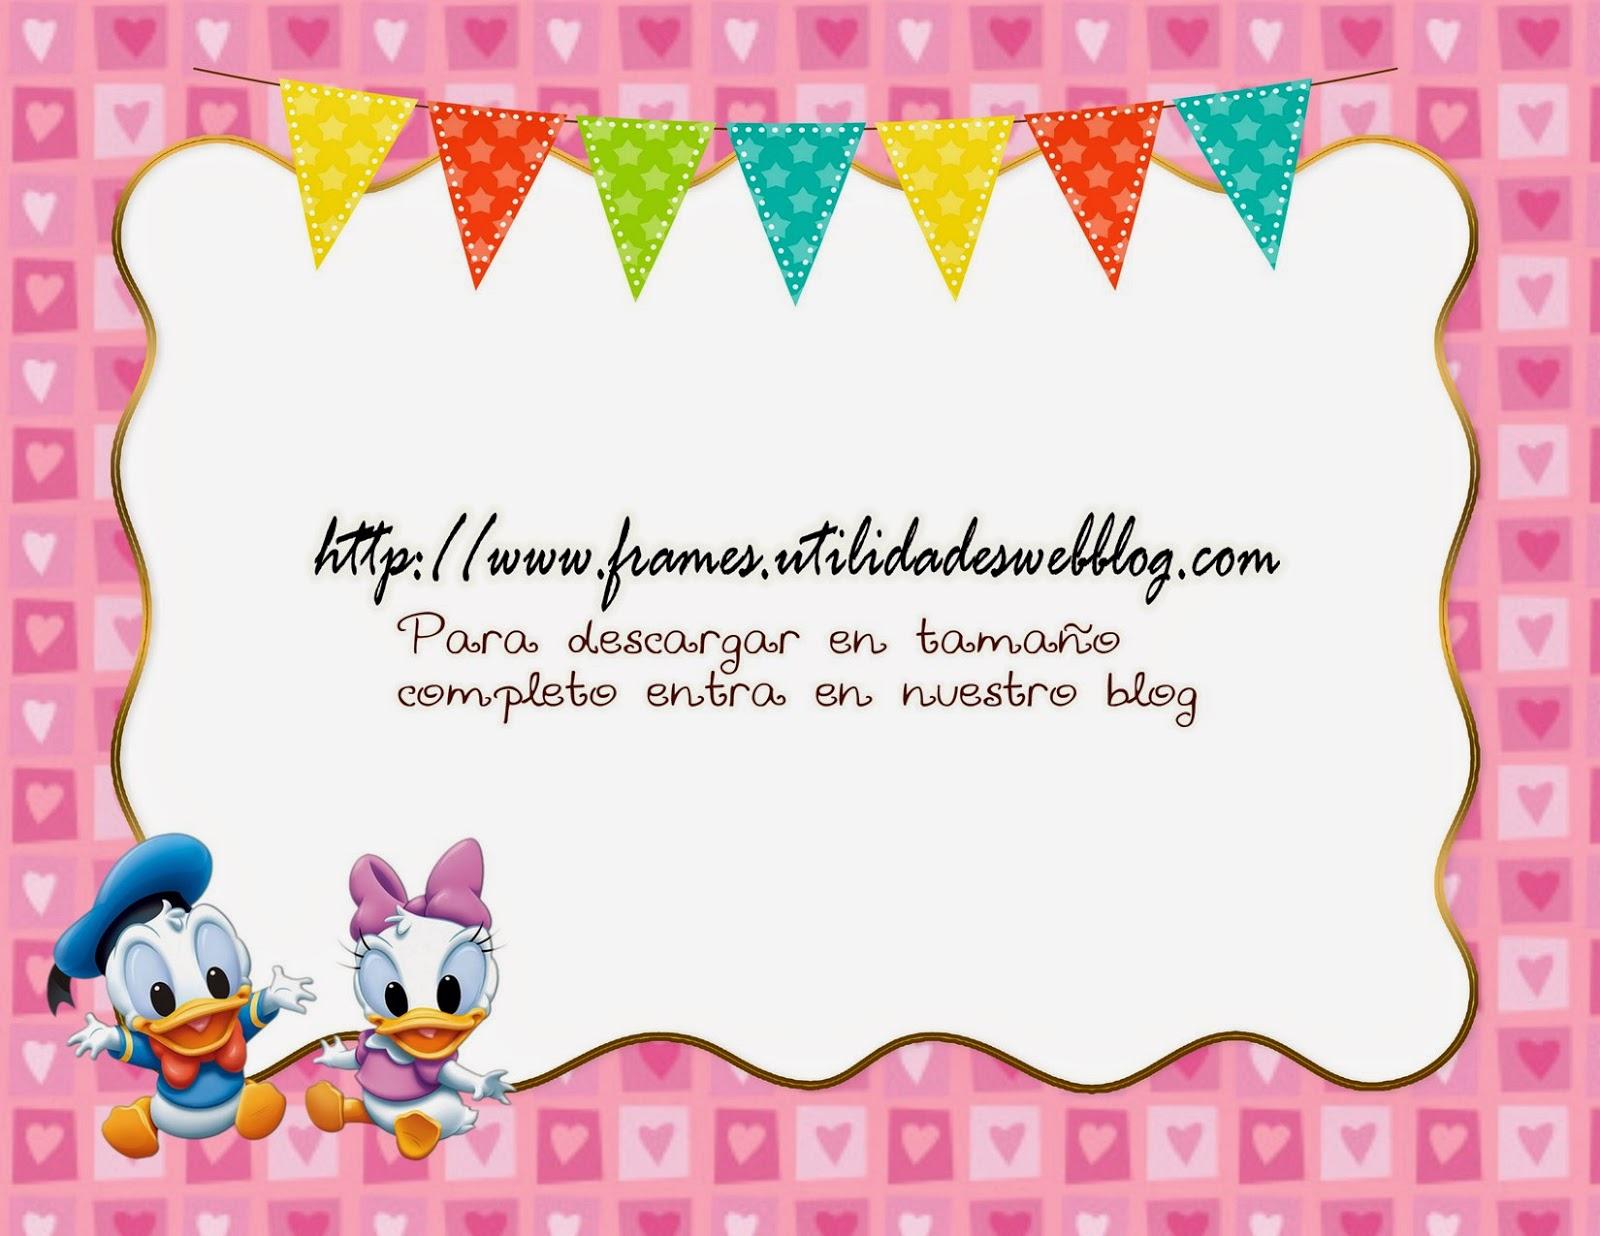 Portaretratos y fotomontajes infantiles baby donald daisy